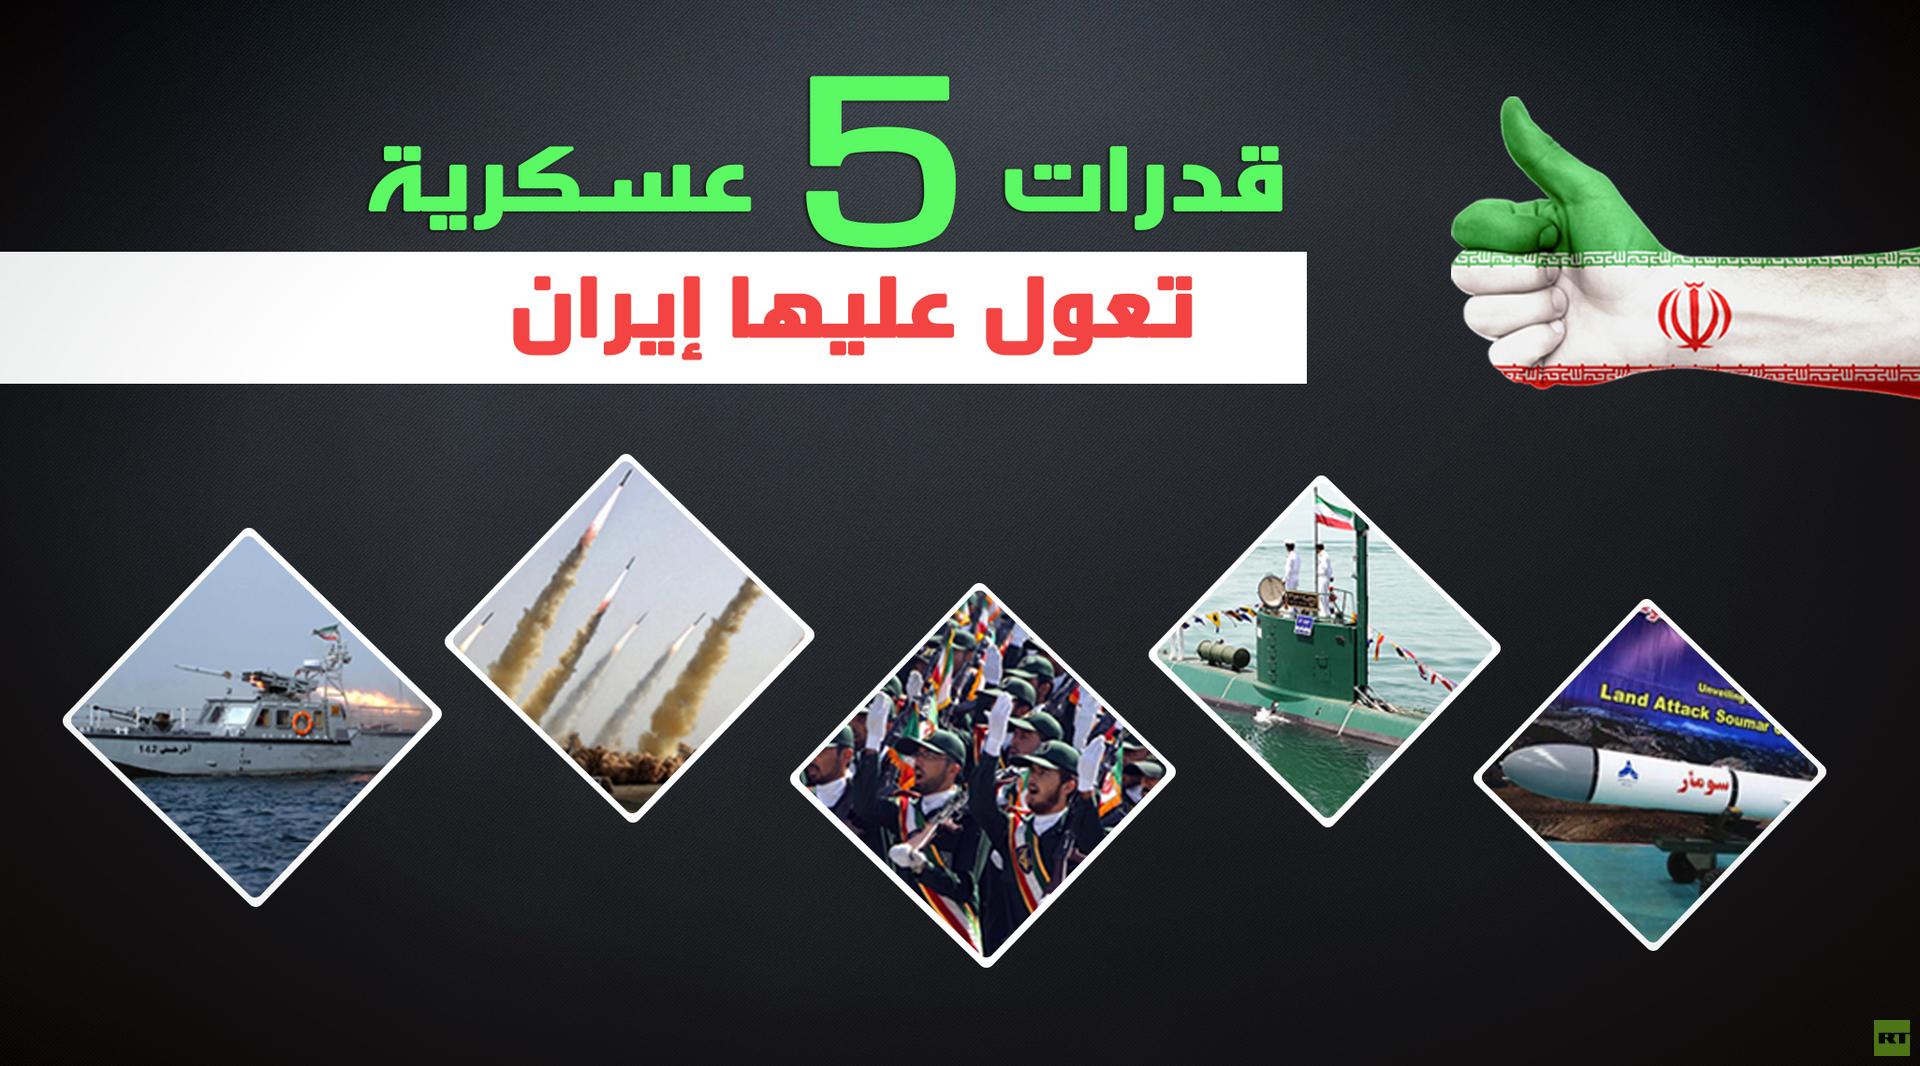 قدرات عسكرية تعول عليها إيران